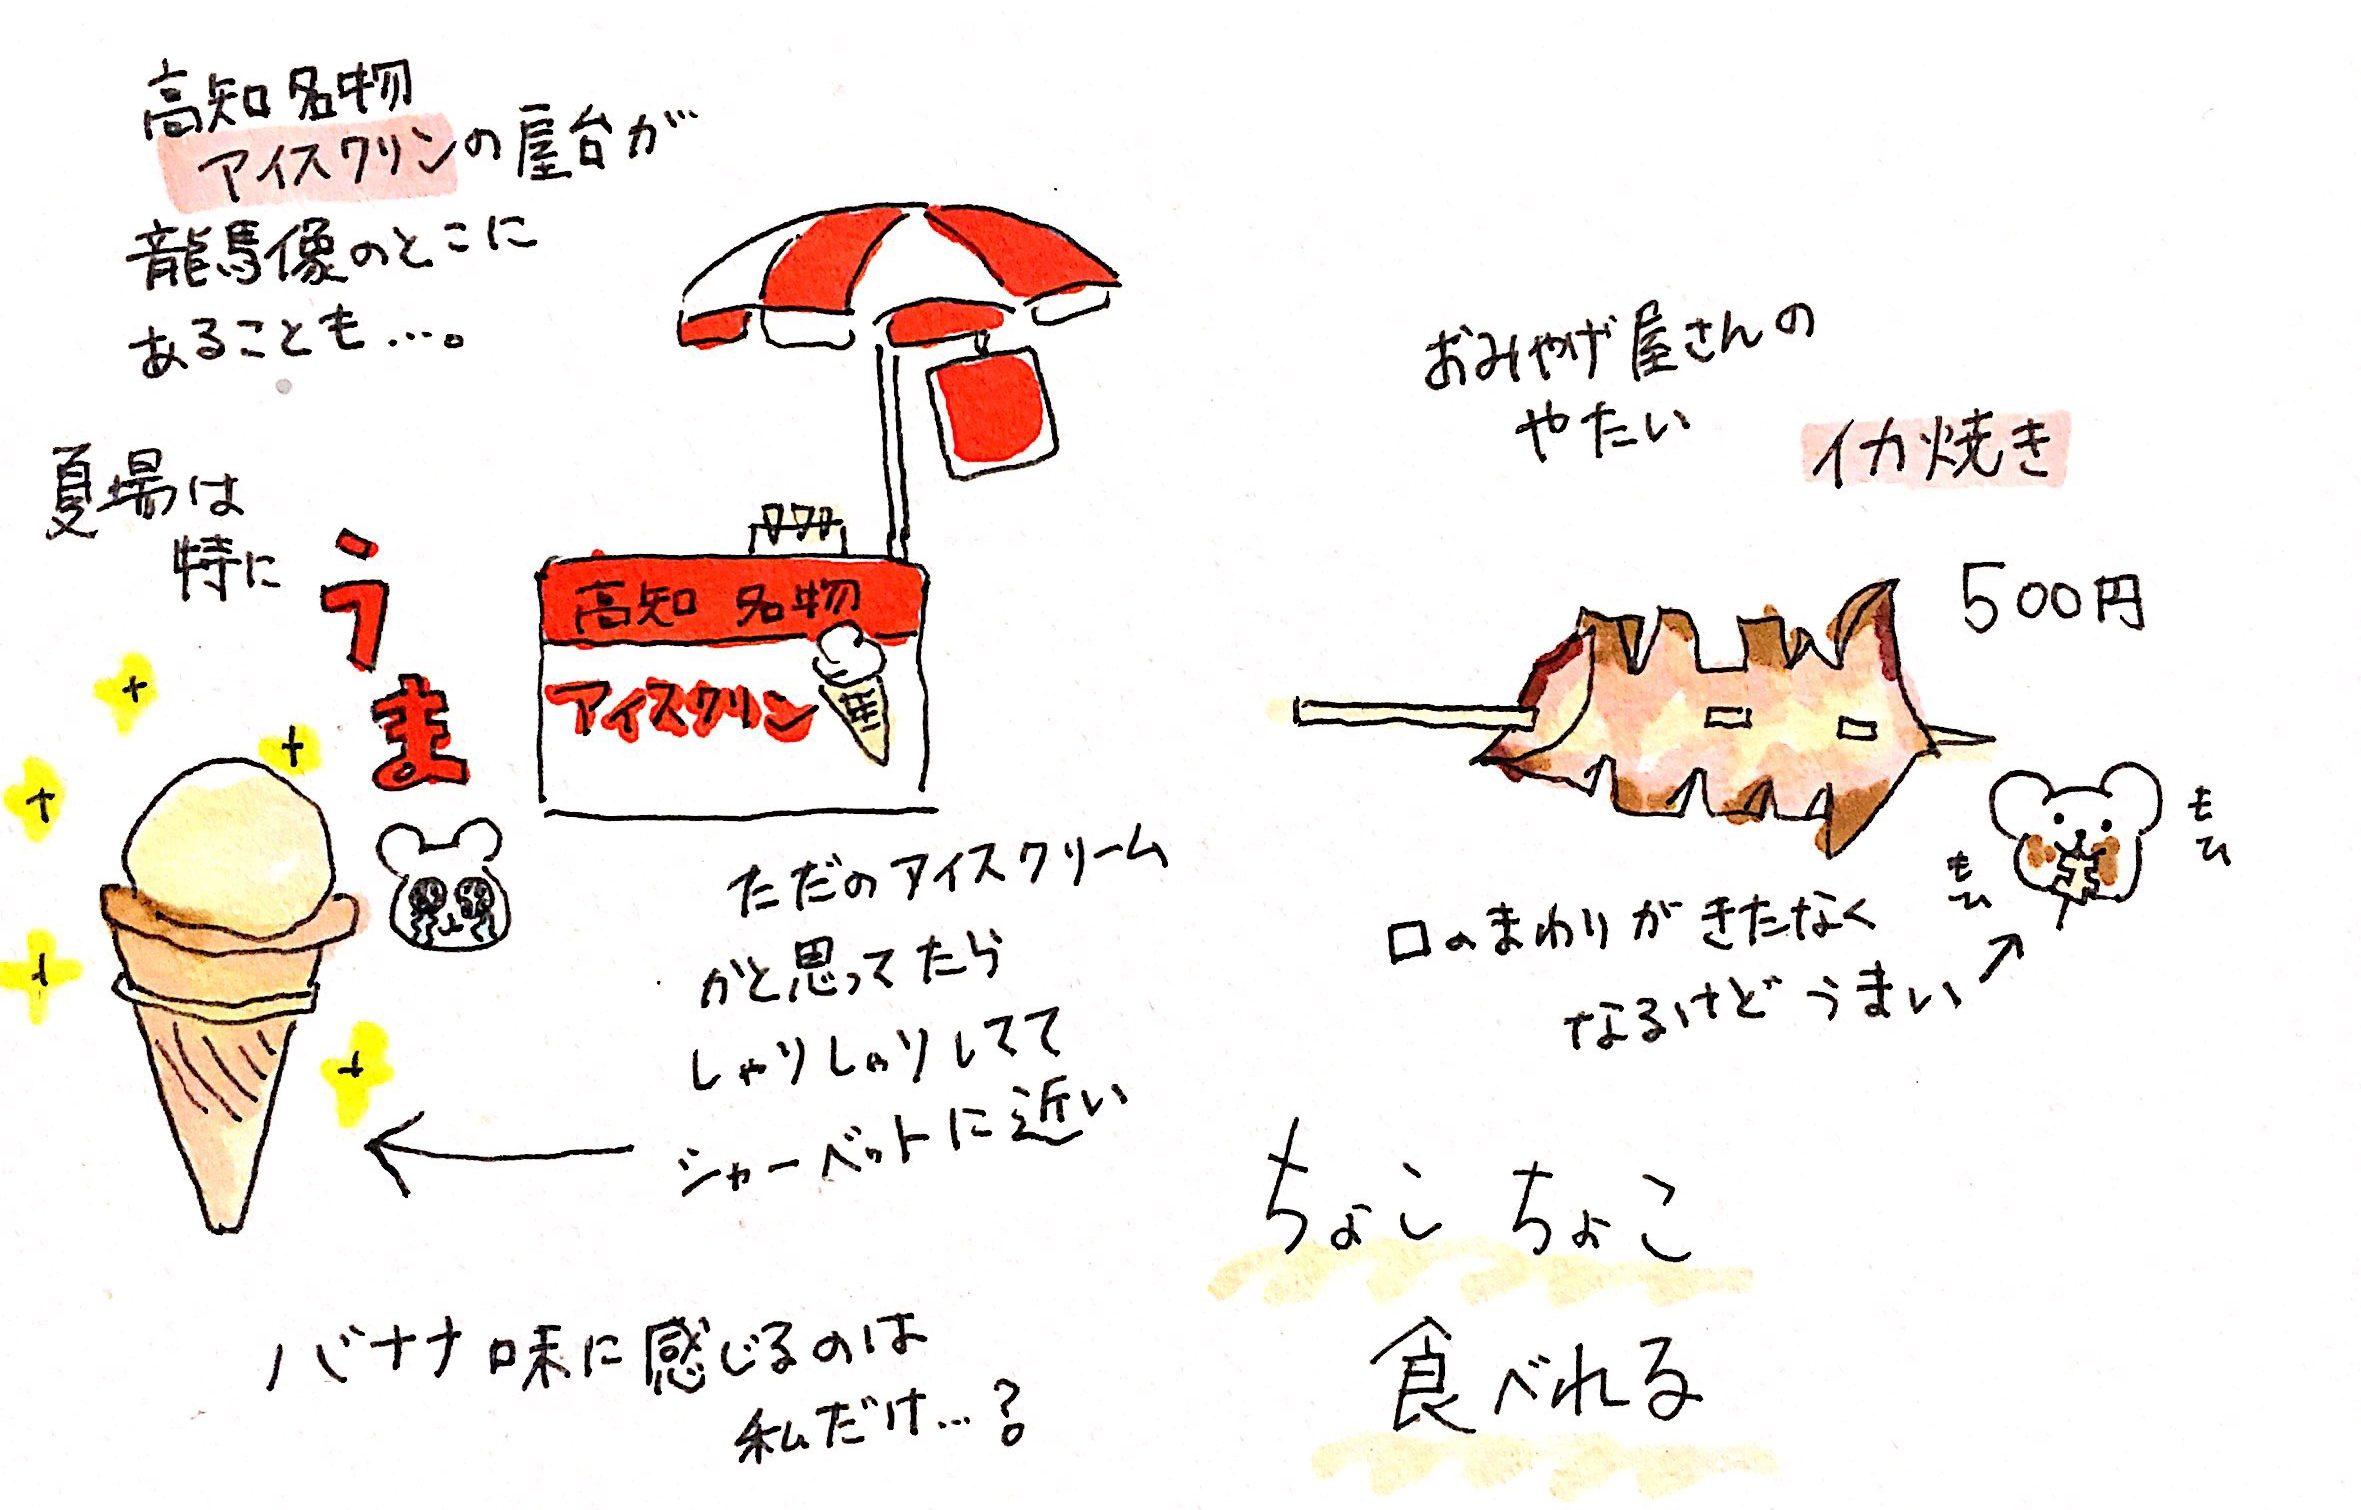 桂浜にはアイスクリンの屋台がある。イラスト